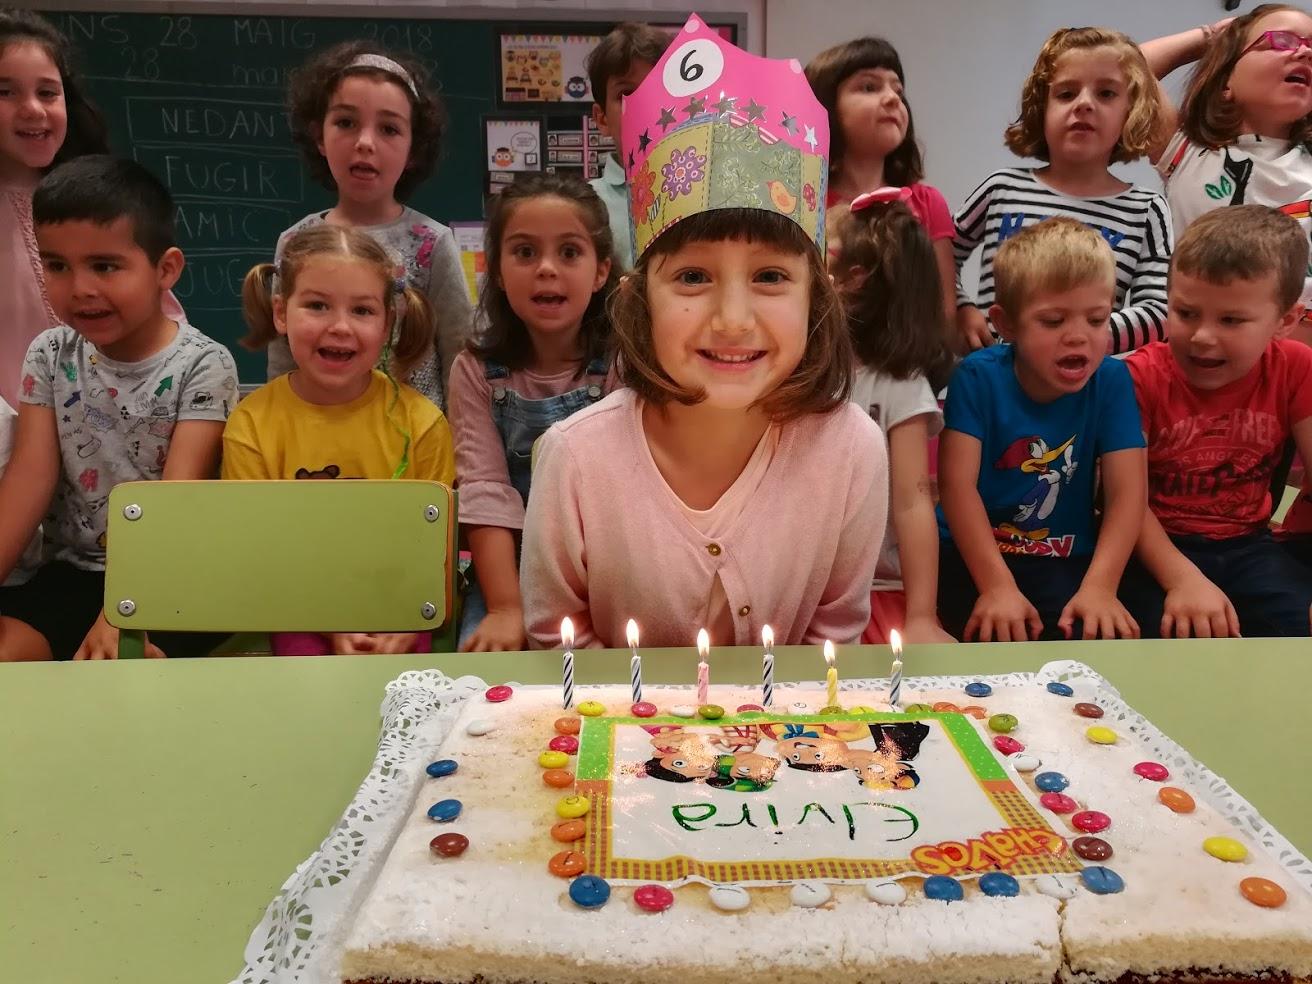 N'Elvira ja té 6 anys!!